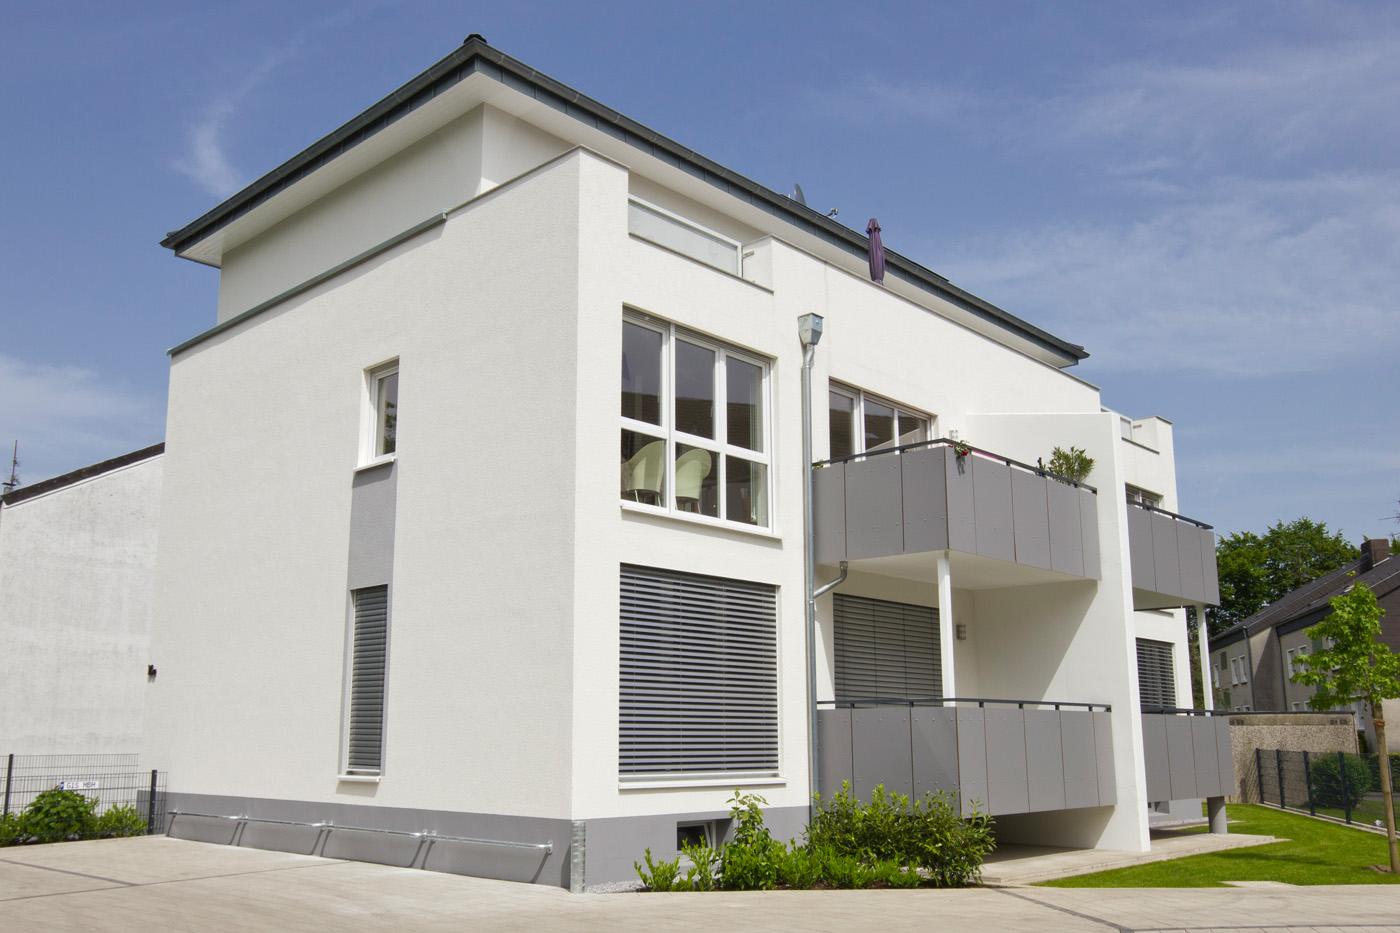 Bauunternehmen Lippstadt referenzen bauunternehmung gmbh co kg rohbauarbeiten